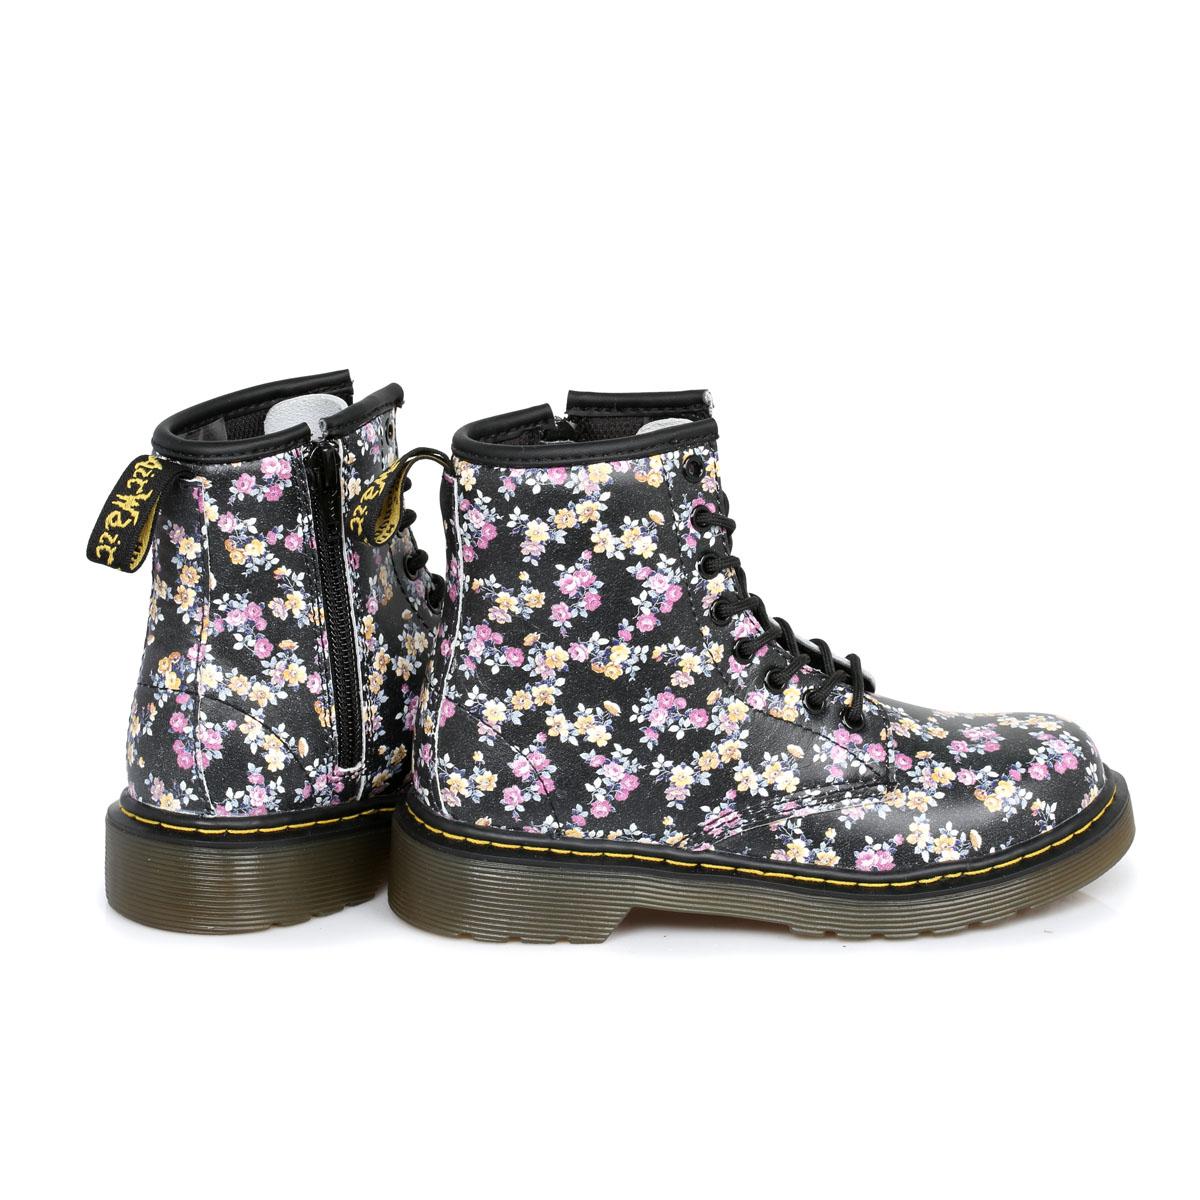 Dr Martens Floral Delaney Kids Leather Boots sizes 10-2 | eBay